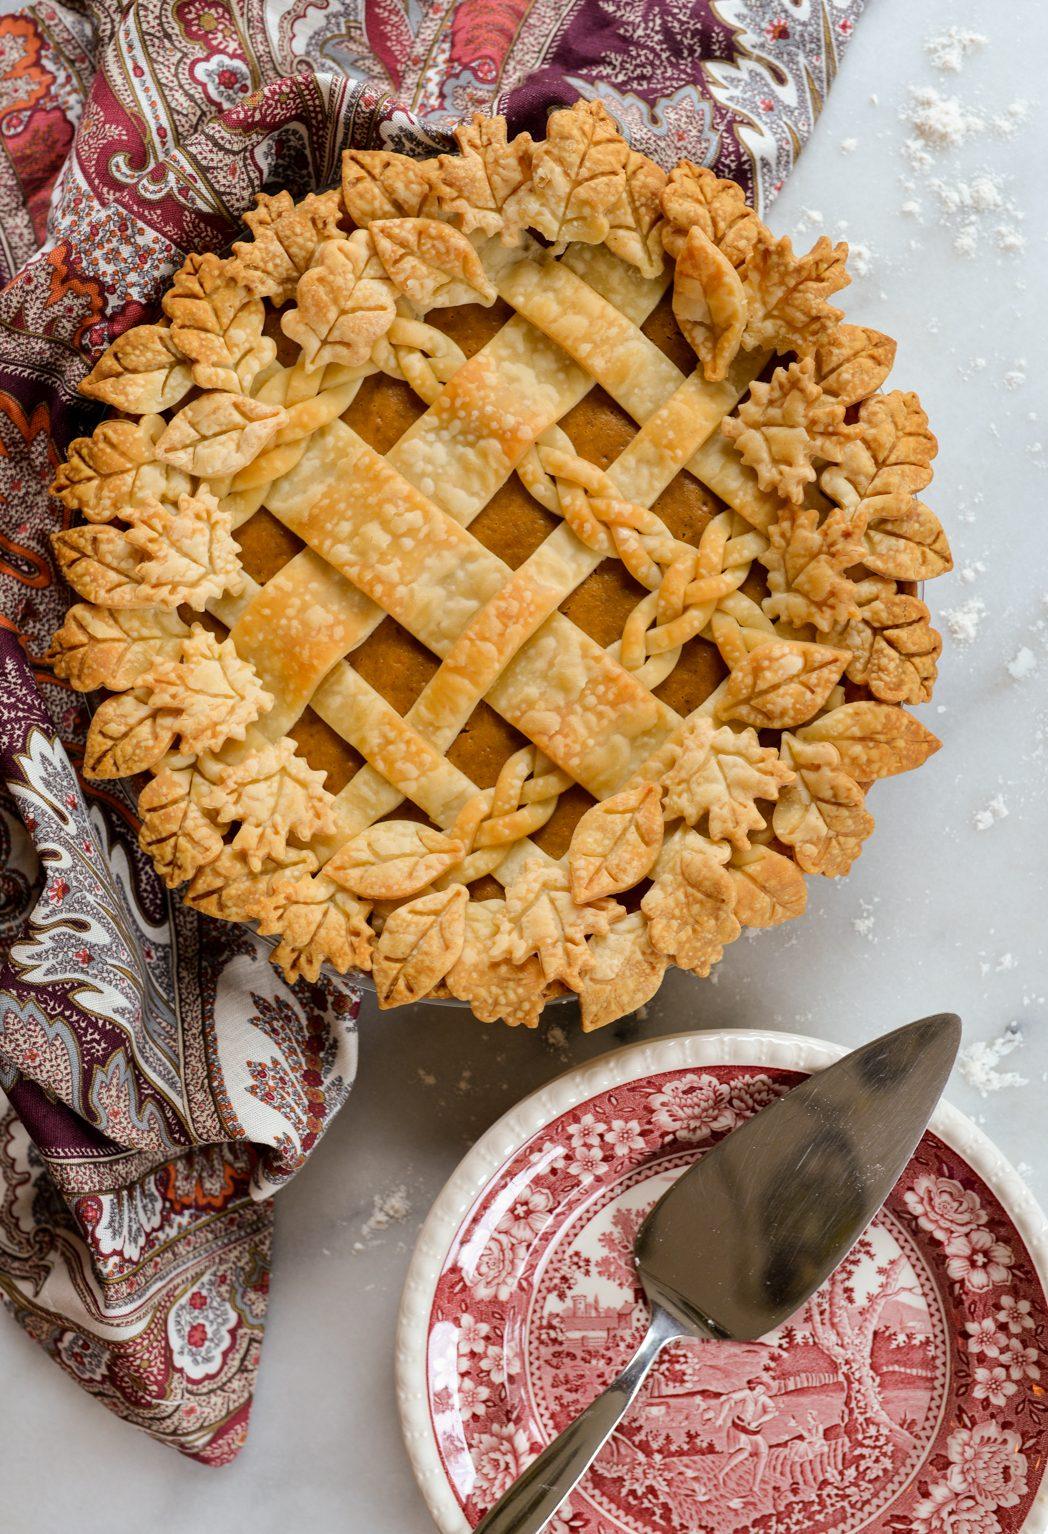 The Best Pumpkin Pie Recipe Stacie Flinner